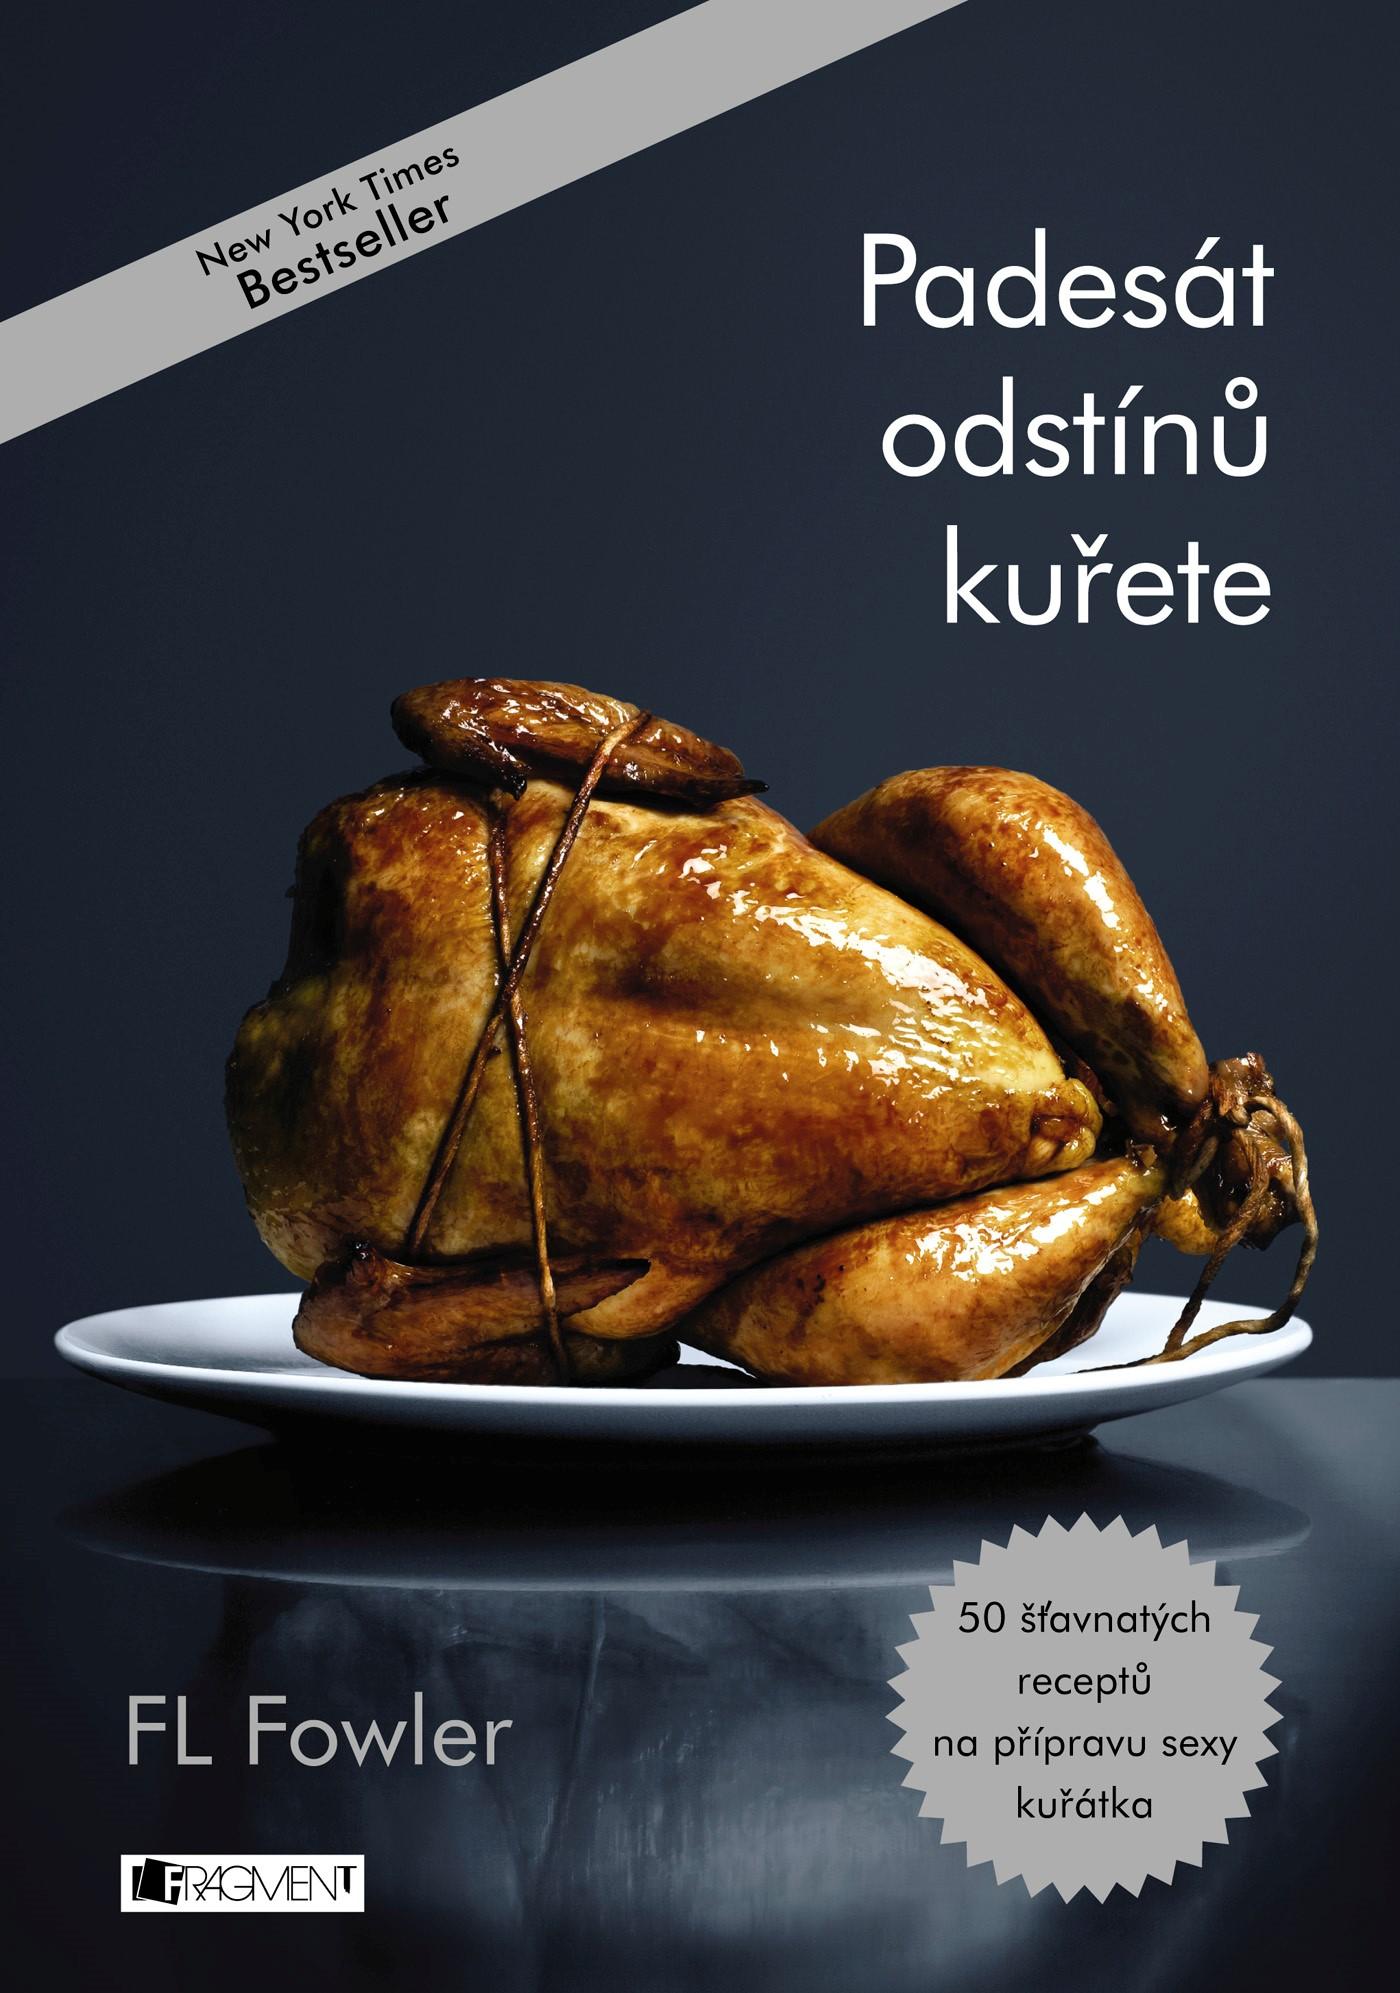 Padesát odstínů kuřete